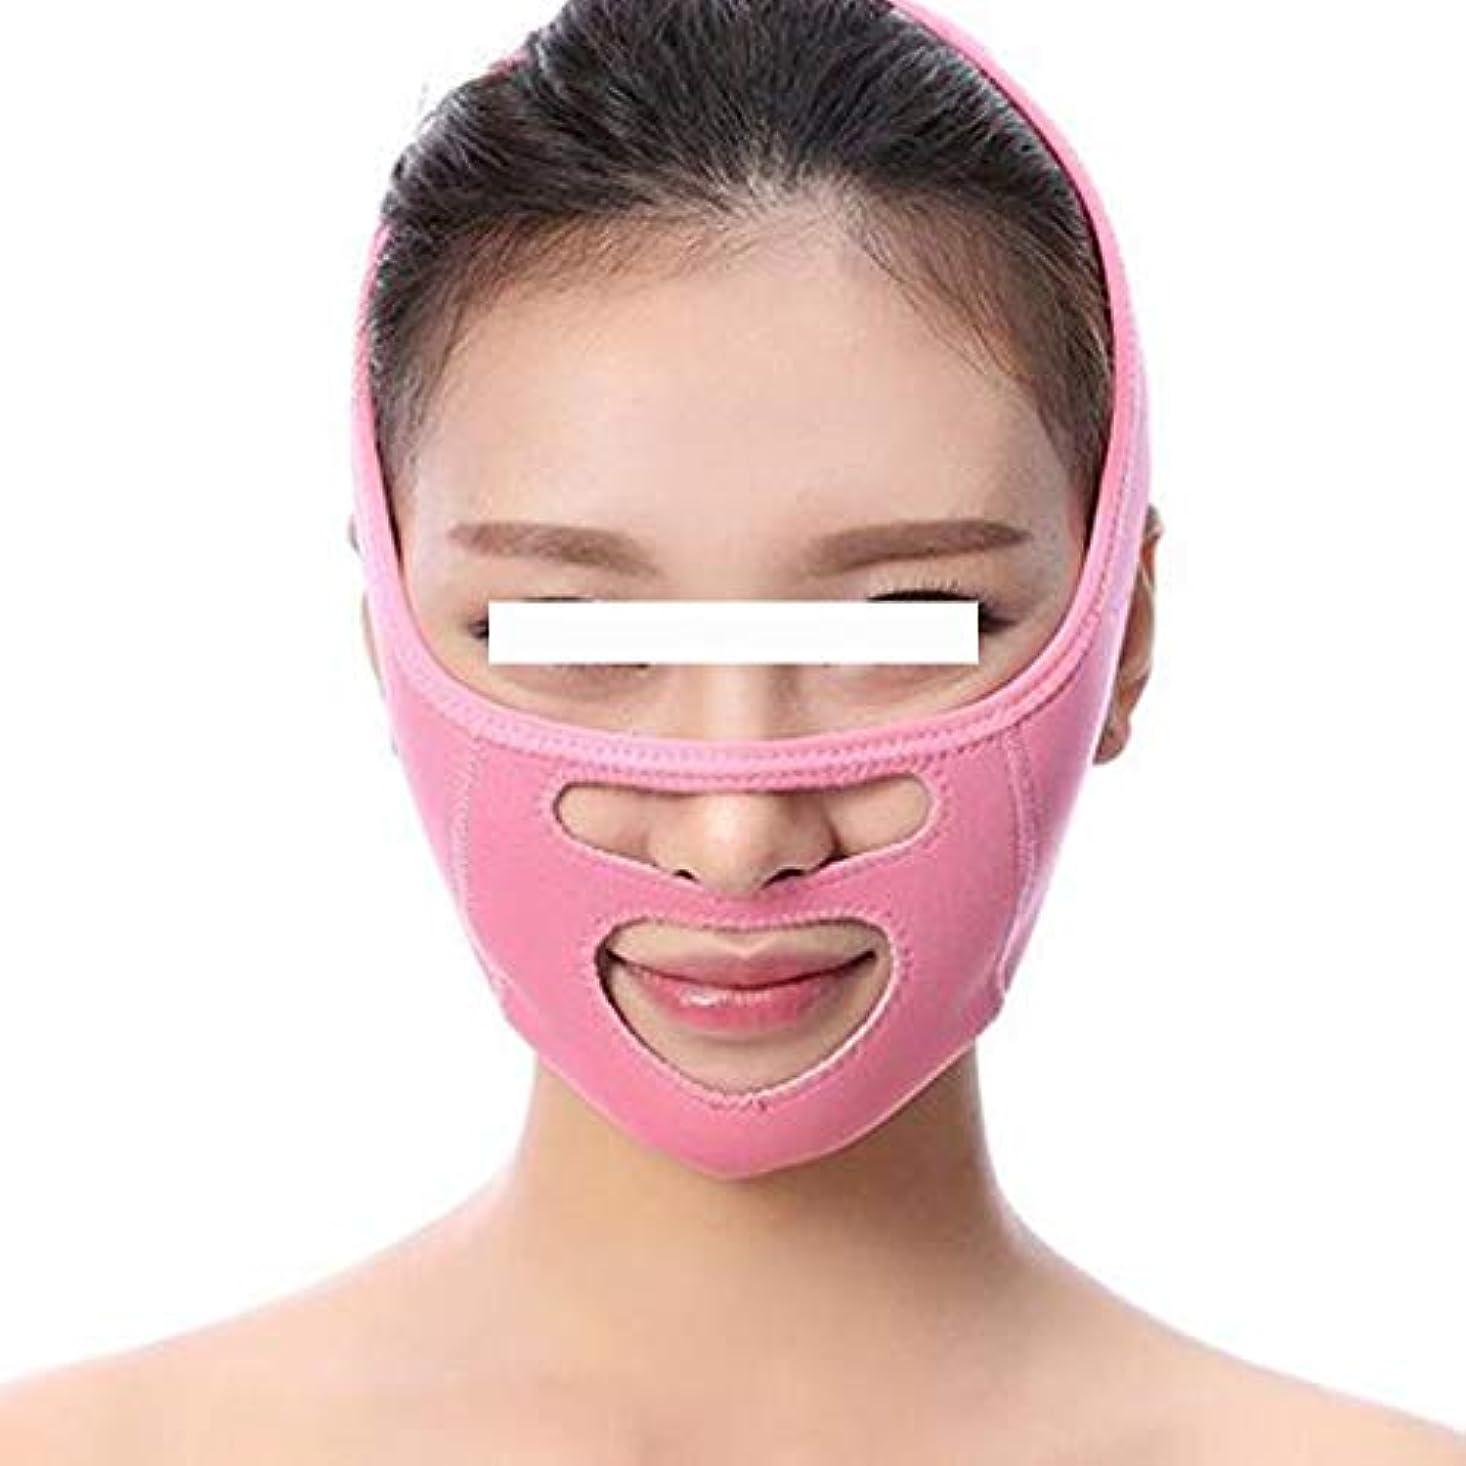 傘拍手資産人気のVフェイスマスク - 睡眠小顔美容フェイス包帯 - Decreeダブルチンvフェイスに移動